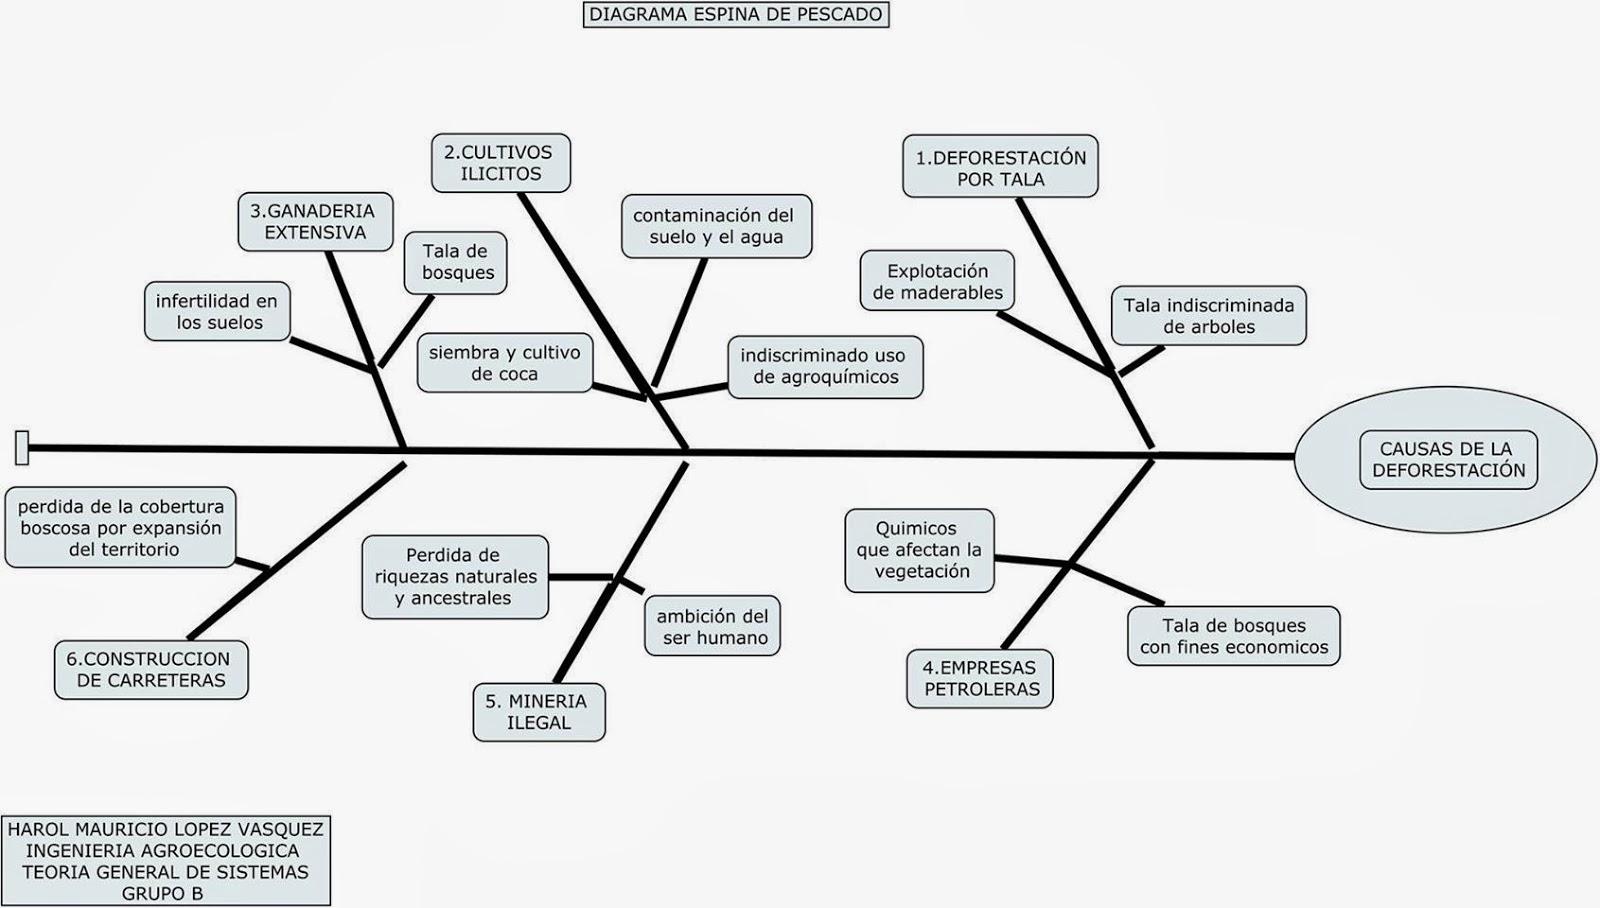 Trabajos Diagrama Espina De Pescado Causas De La